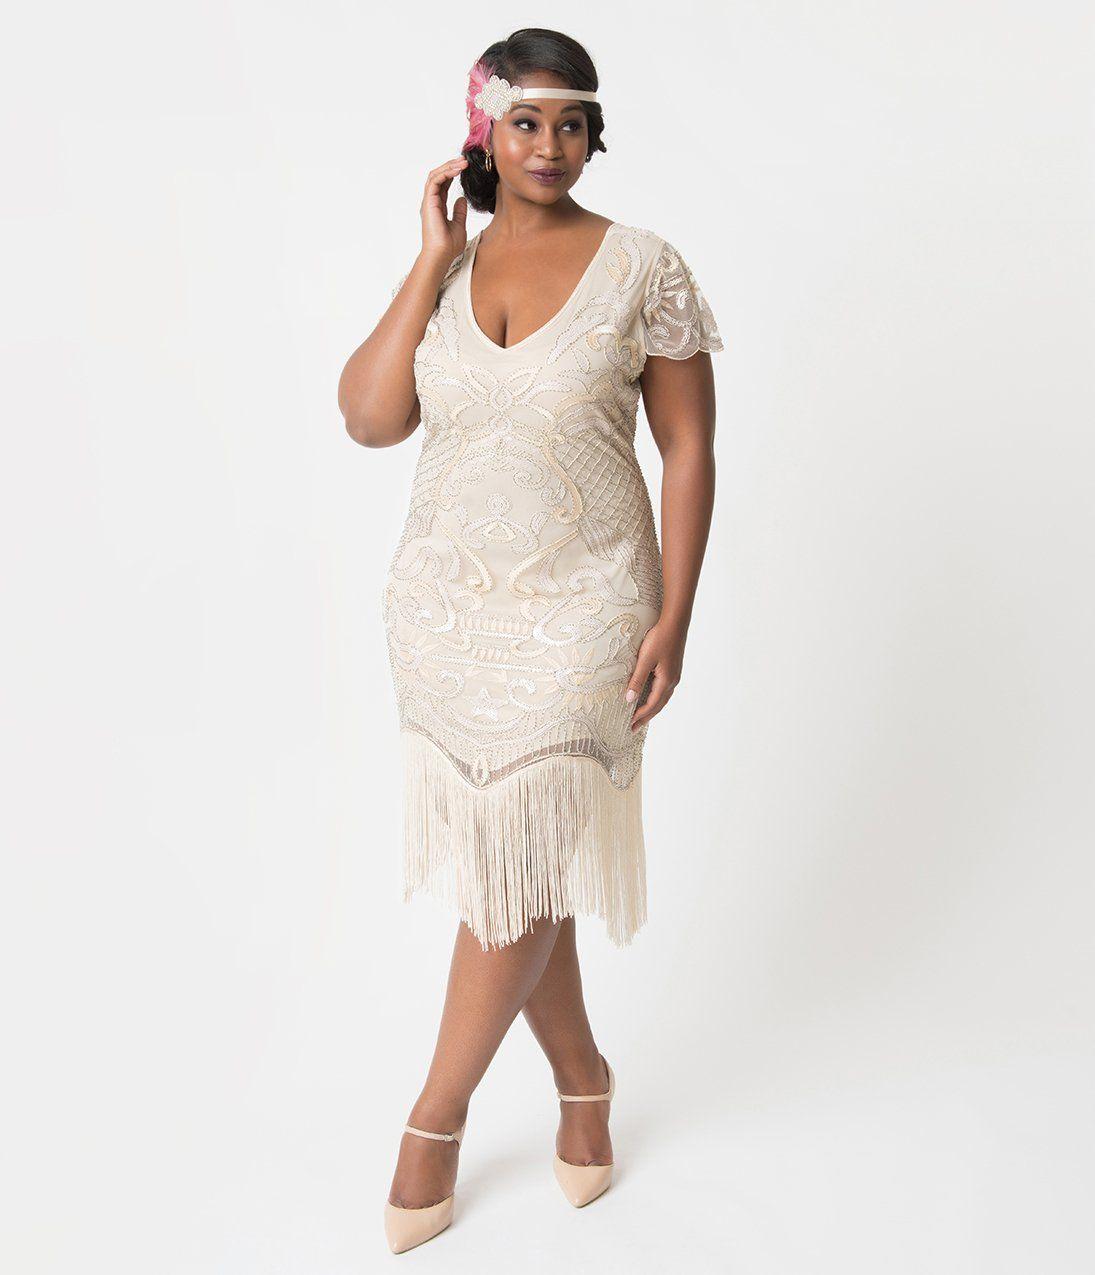 Unique Vintage Plus Size 1920s Style Champagne Beaded Fringe Aurore Fl Dresses 1920s Fashion 1920s Fashion Dresses [ 1275 x 1095 Pixel ]